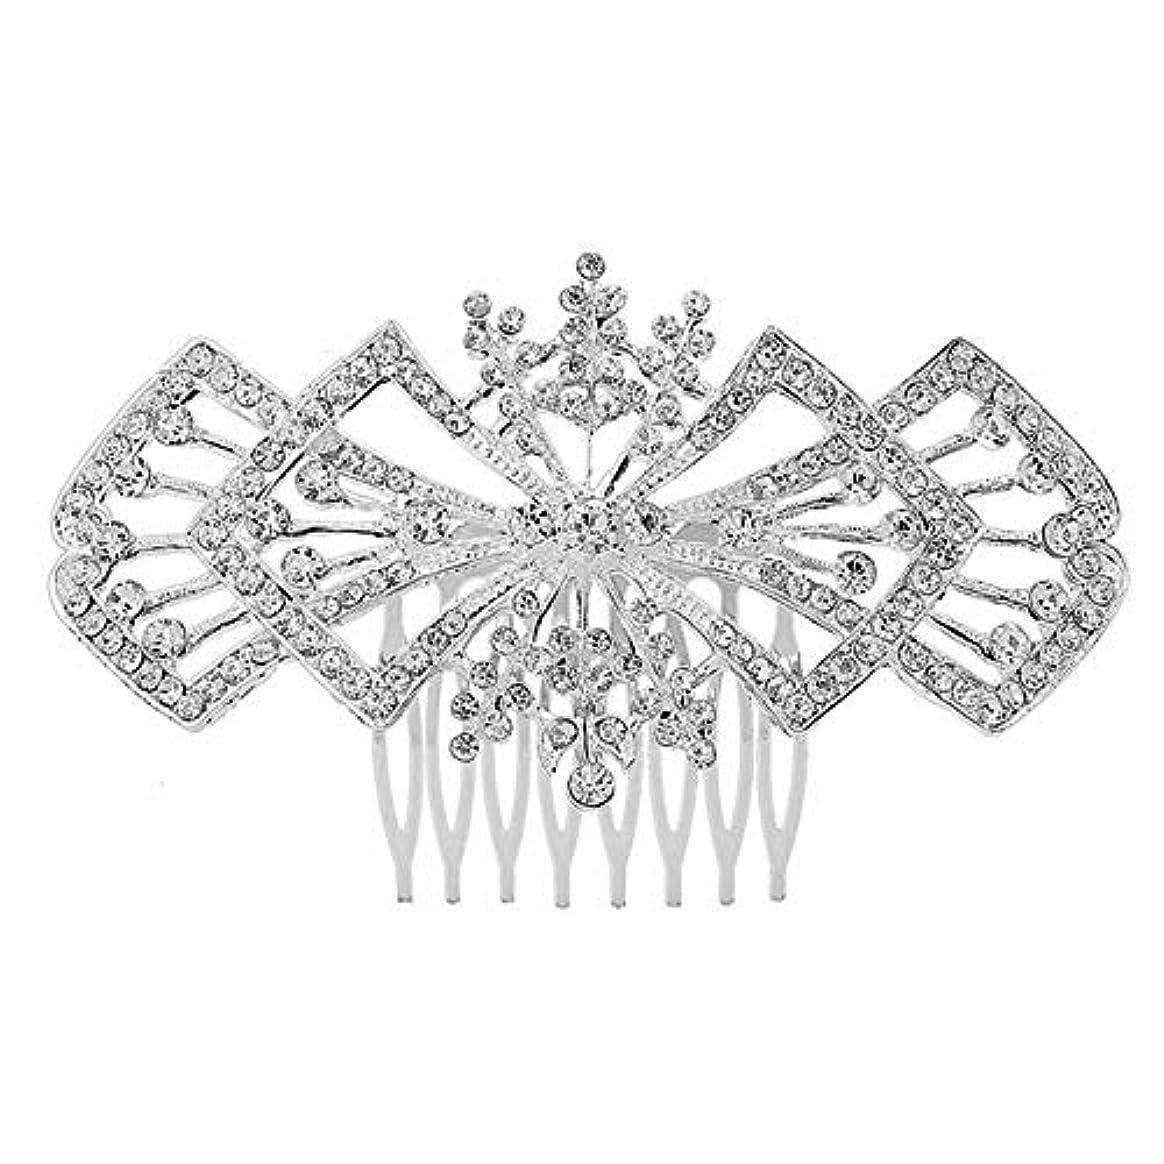 哀れなマークダウン貴重な髪の櫛の櫛の櫛の花嫁の髪の櫛の花の髪の櫛のラインストーンの挿入物の櫛の合金の帽子の結婚式の宝石類